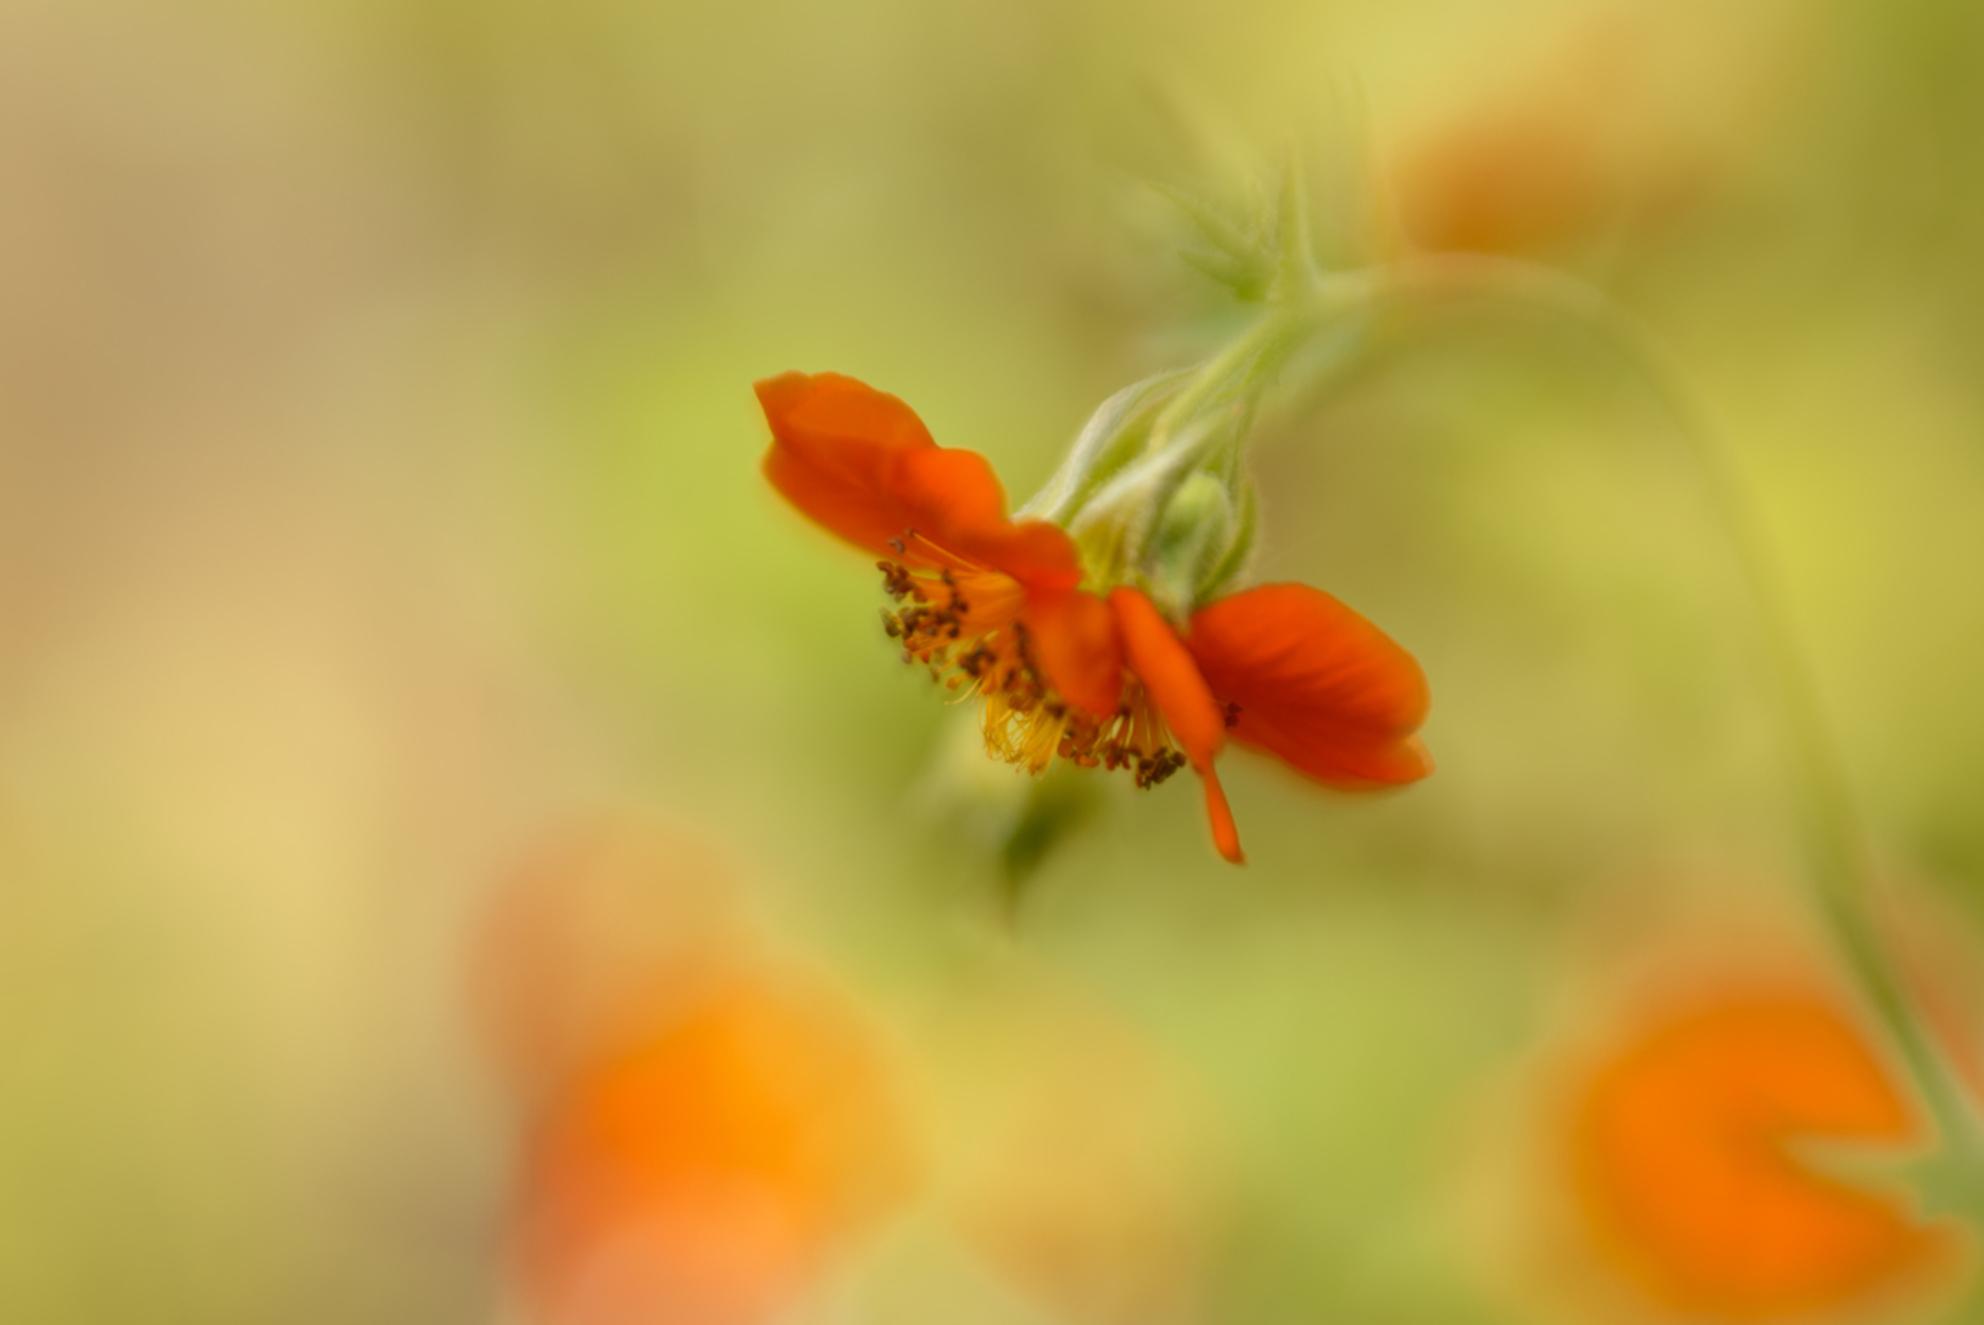 Mijn eigen tuin - Dit is zo'n schitterend bloemetje... Elk jaar liet dit bloemetje haar oranje kleur op 30 april zien. Sinds het een paar dagen eerder Koningsdag is,  - foto door dettyverbon op 30-04-2017 - deze foto bevat: bloem, oranje, tuin - Deze foto mag gebruikt worden in een Zoom.nl publicatie